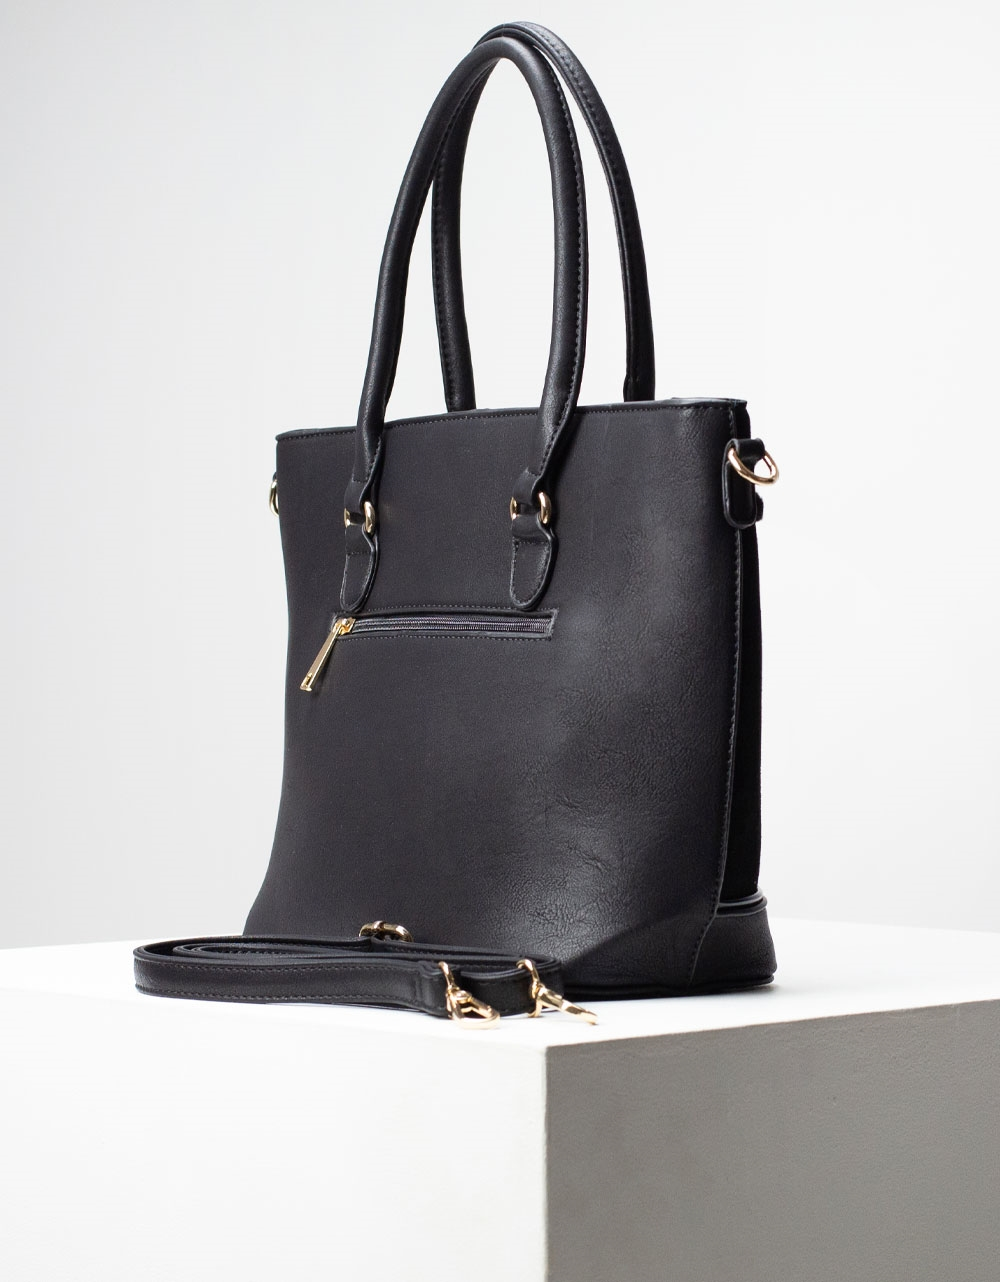 Εικόνα από Γυναικεία τσάντα ώμου & χιαστί με velvet υλικό Μαύρο